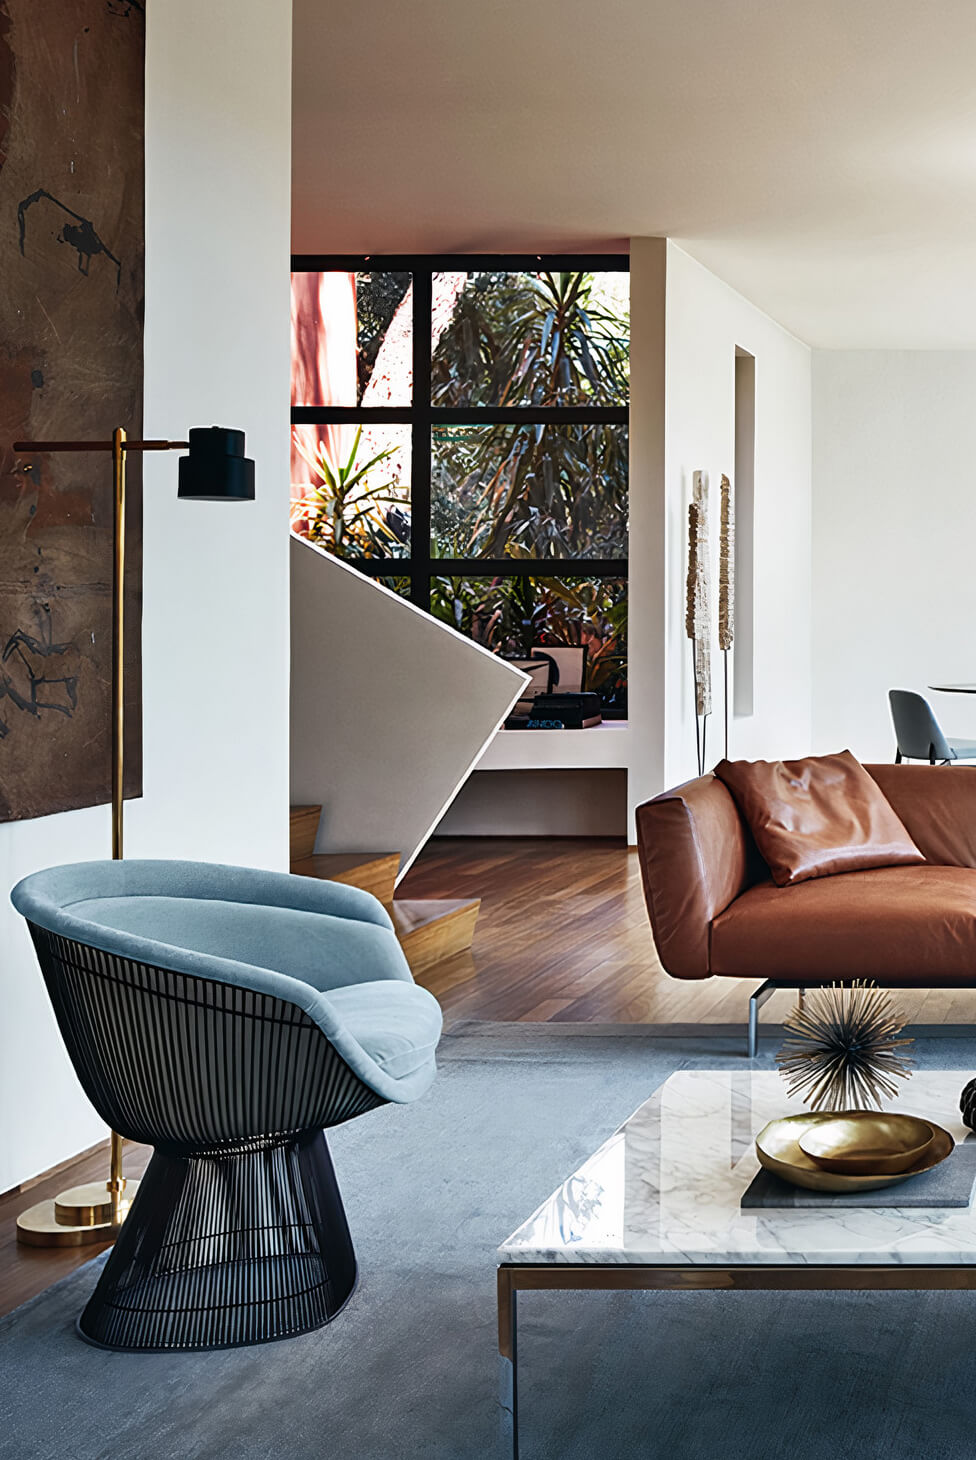 Wohnzimmer mit modernem Interior Design